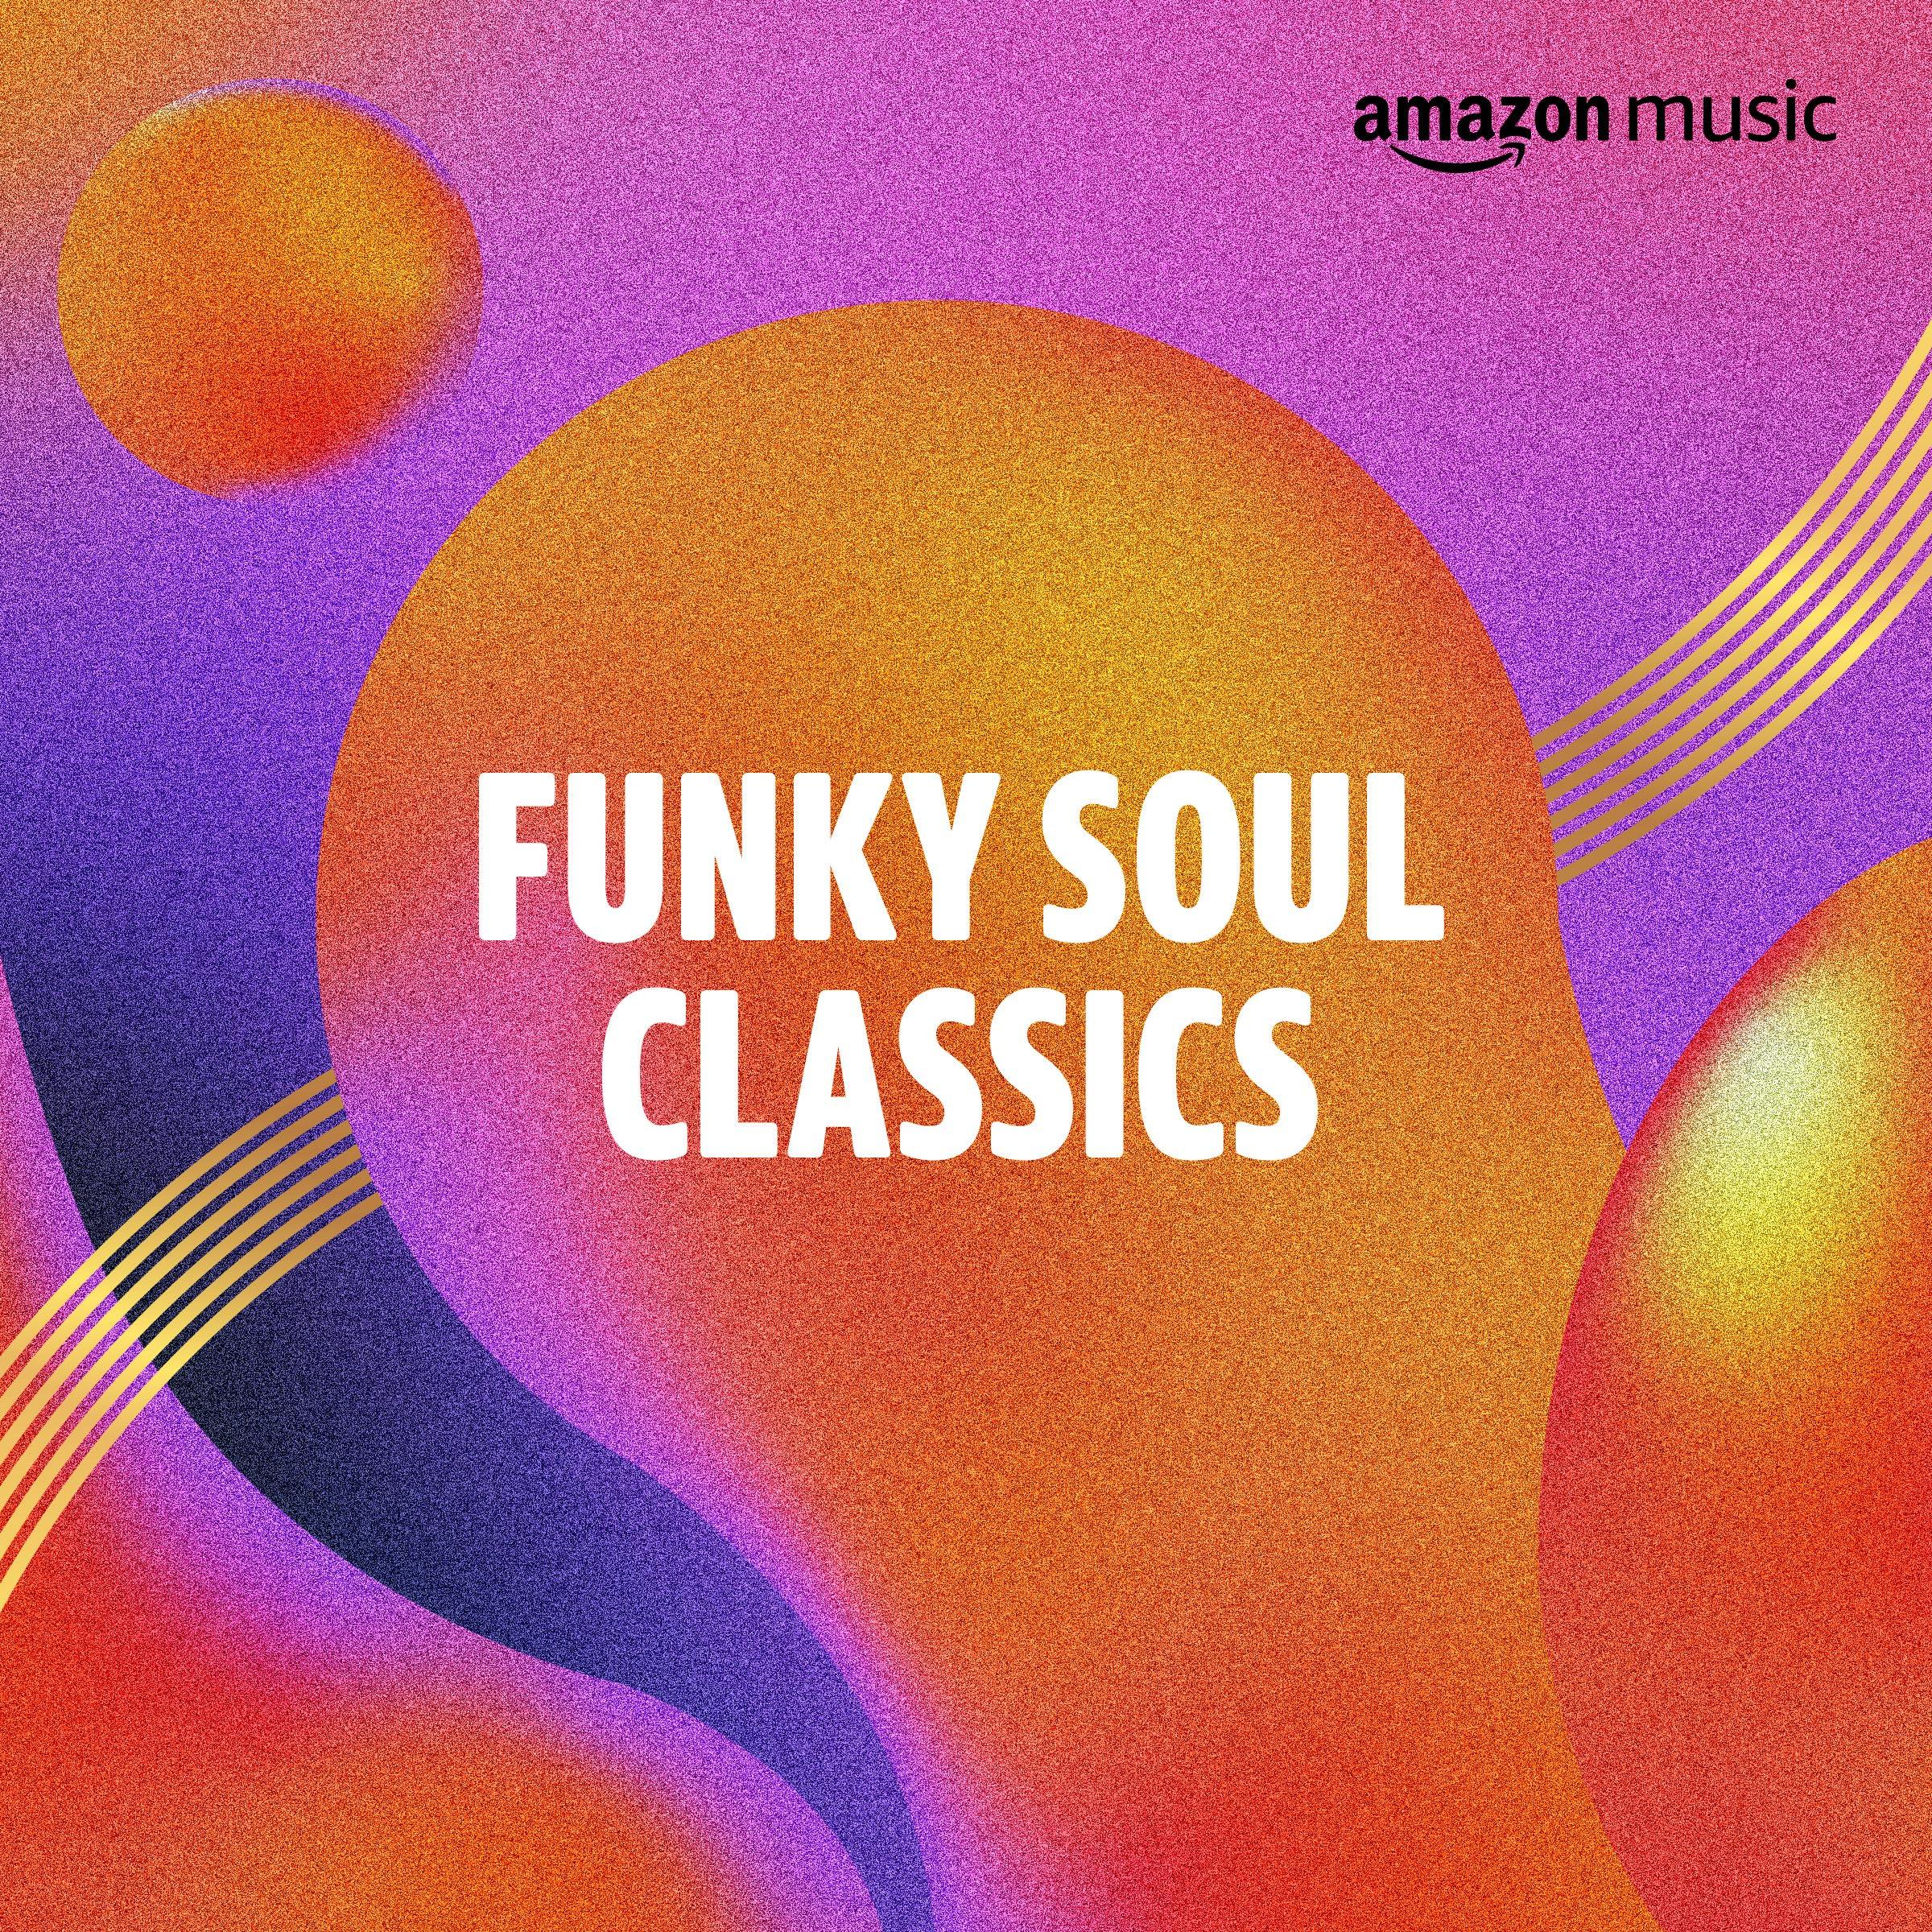 Funky Soul Classics